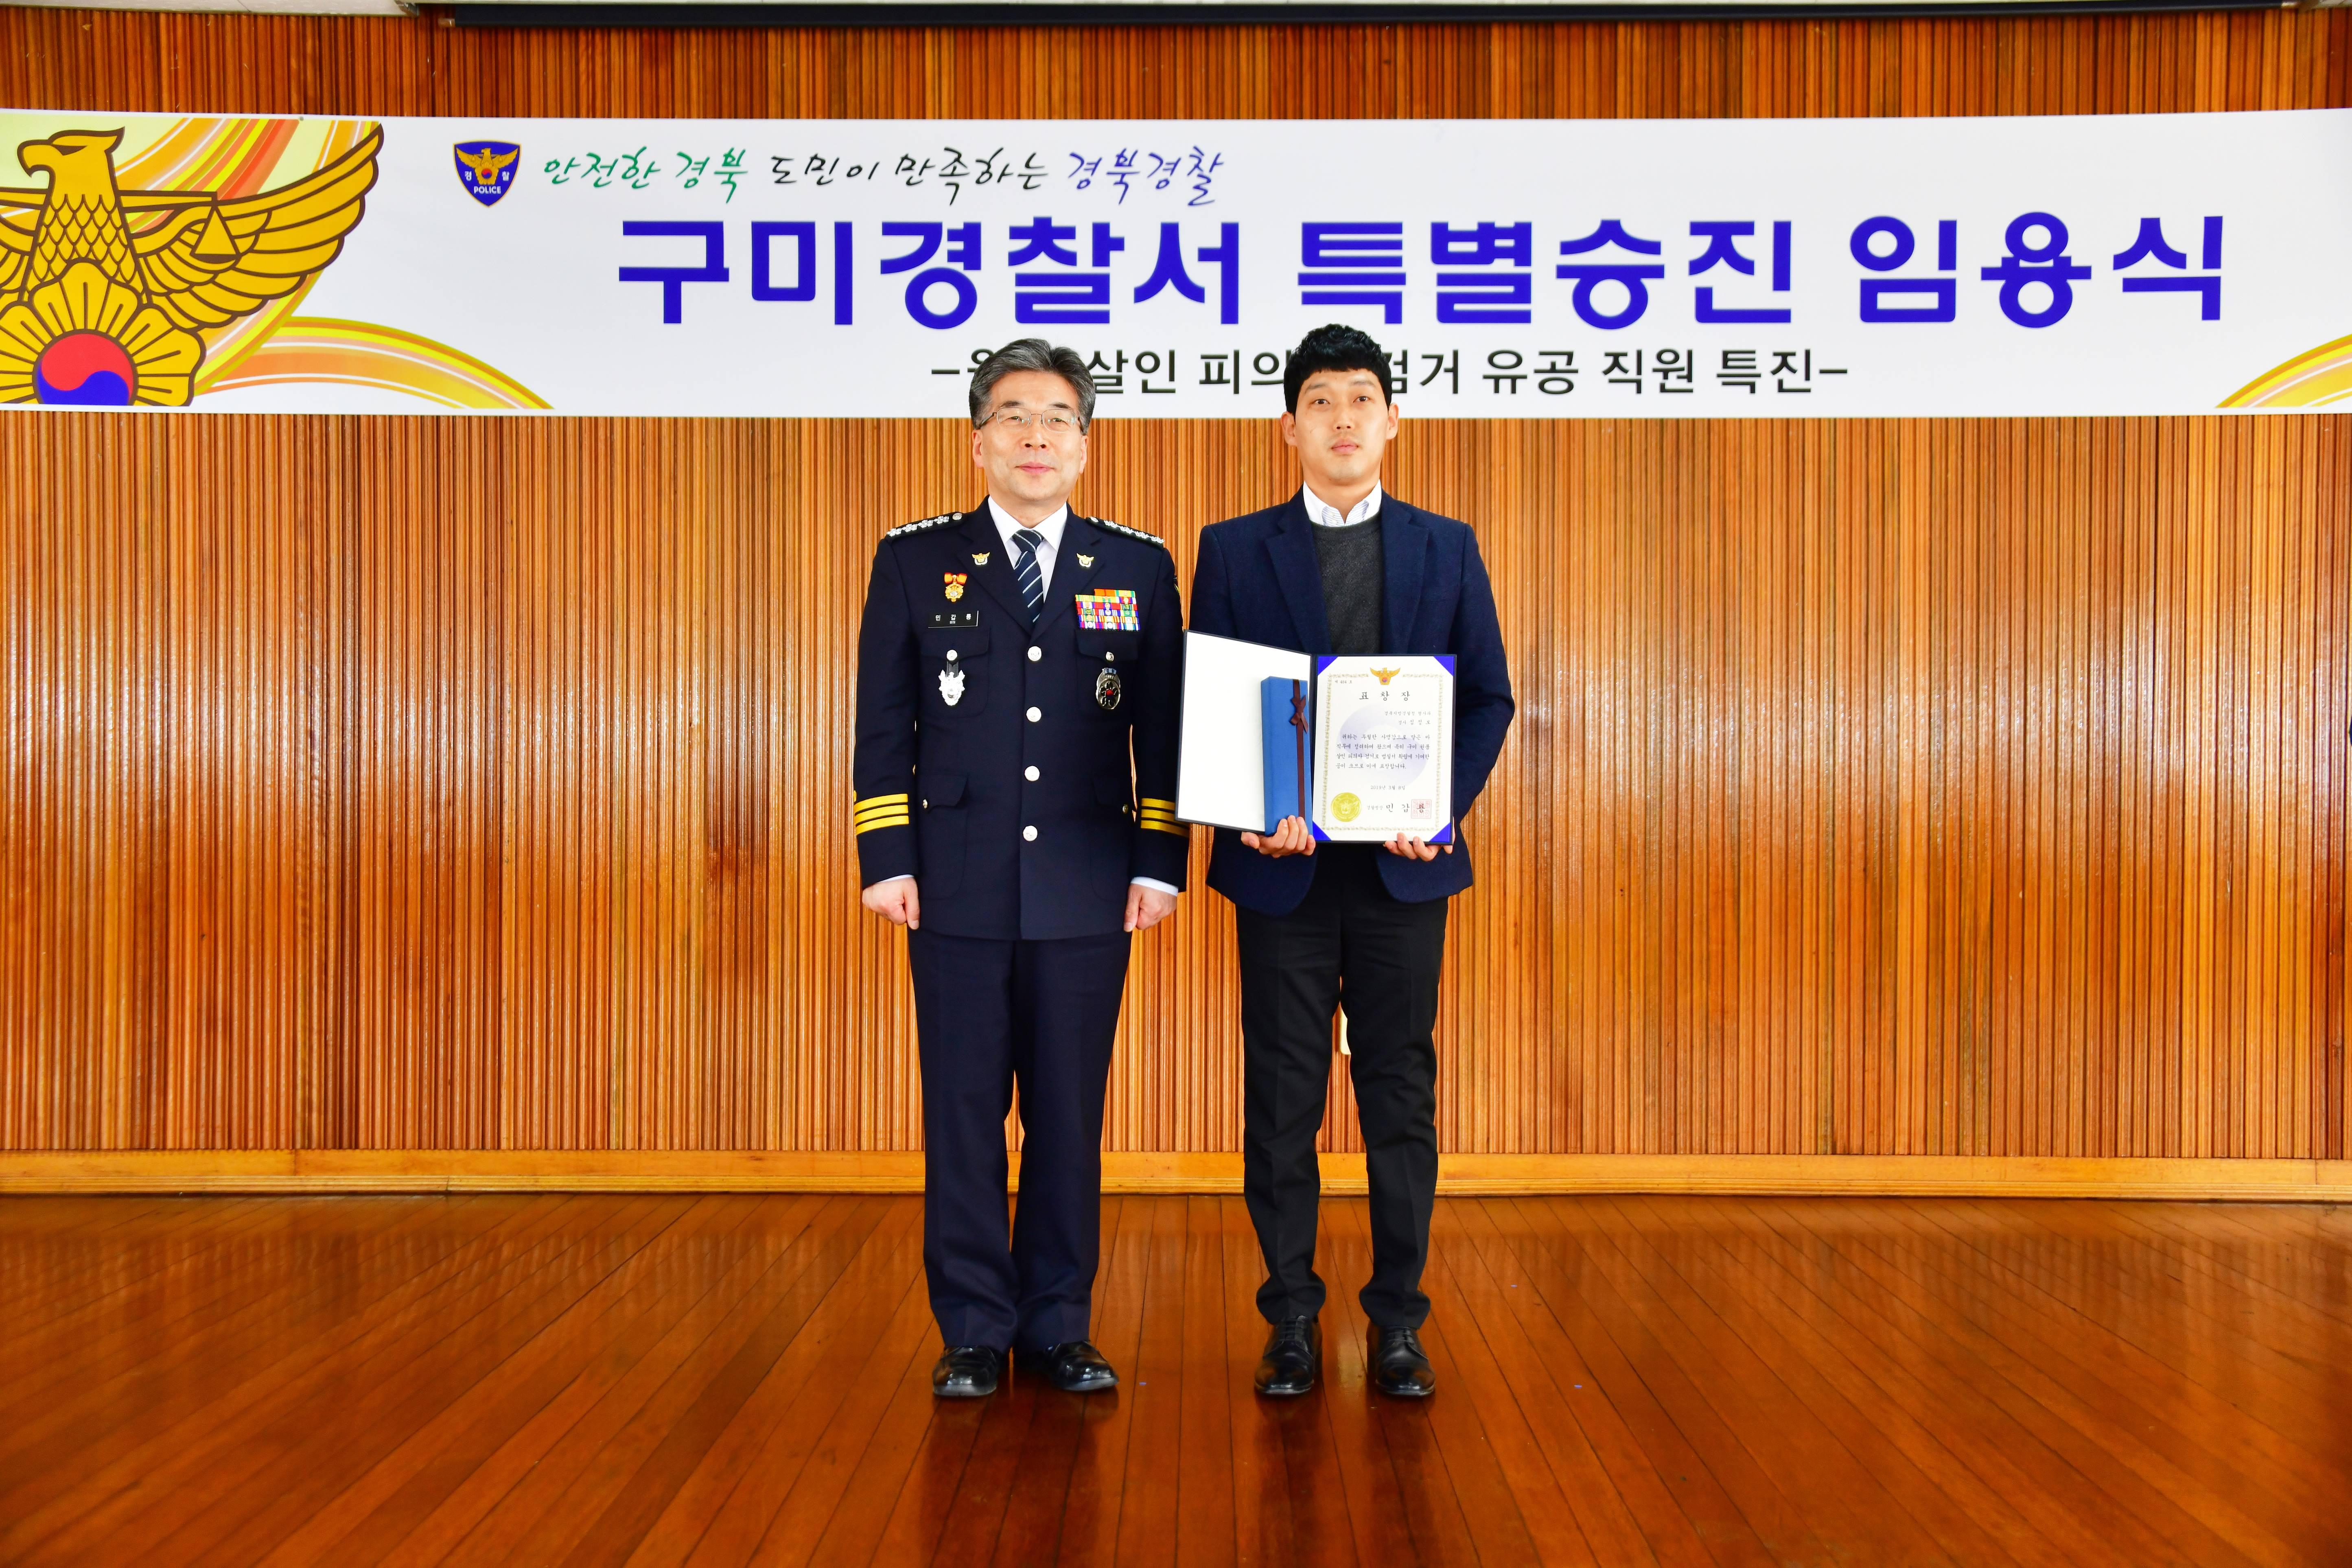 구미경찰서  특별승진임용식 참석